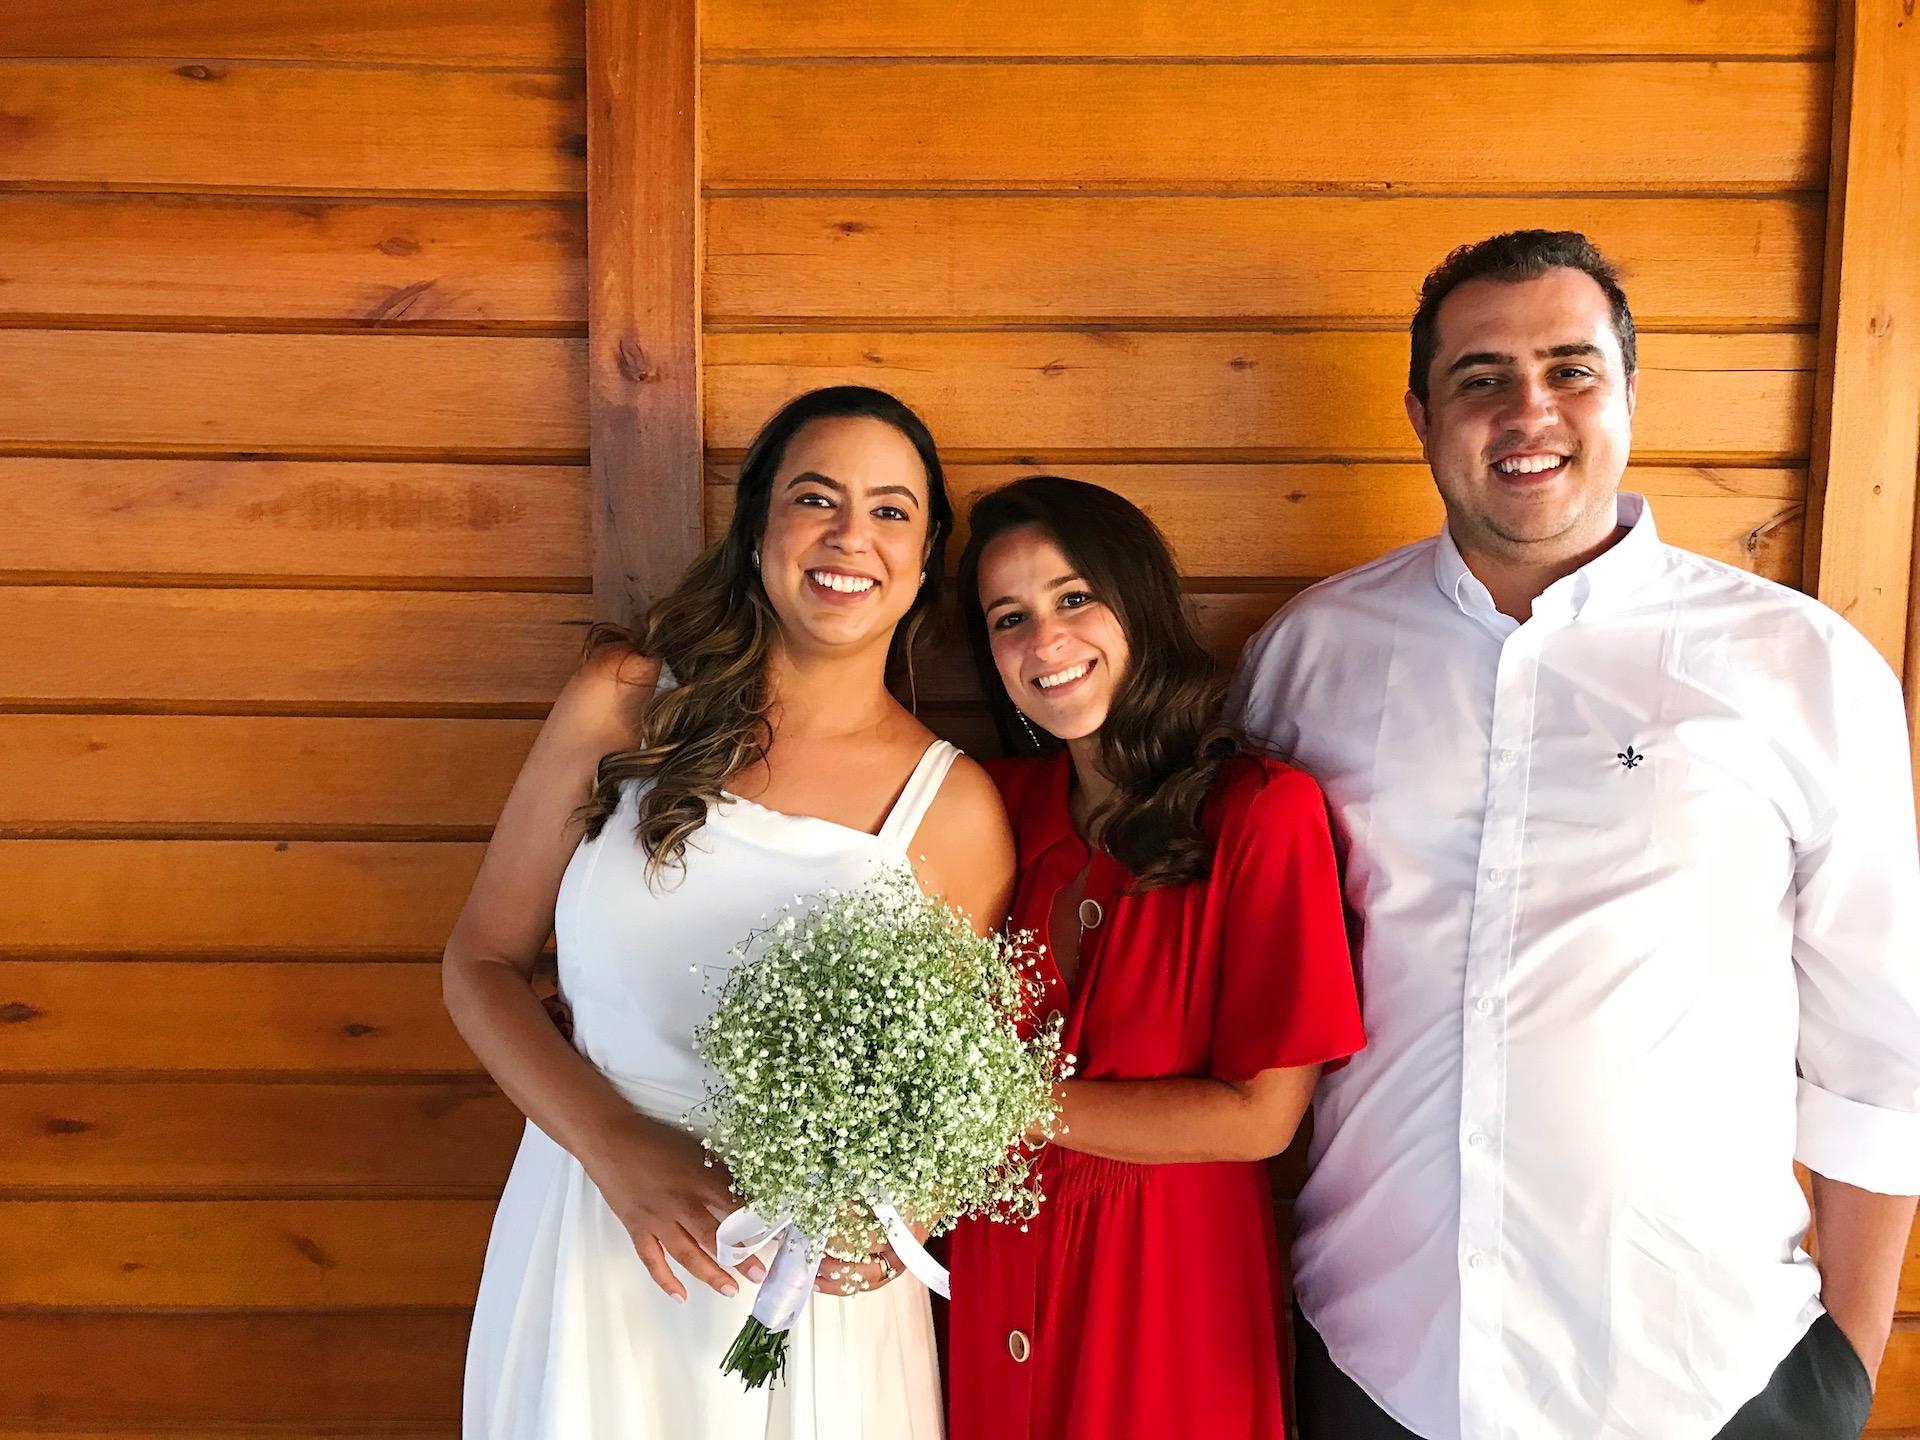 bodas de casamento presente para amigos